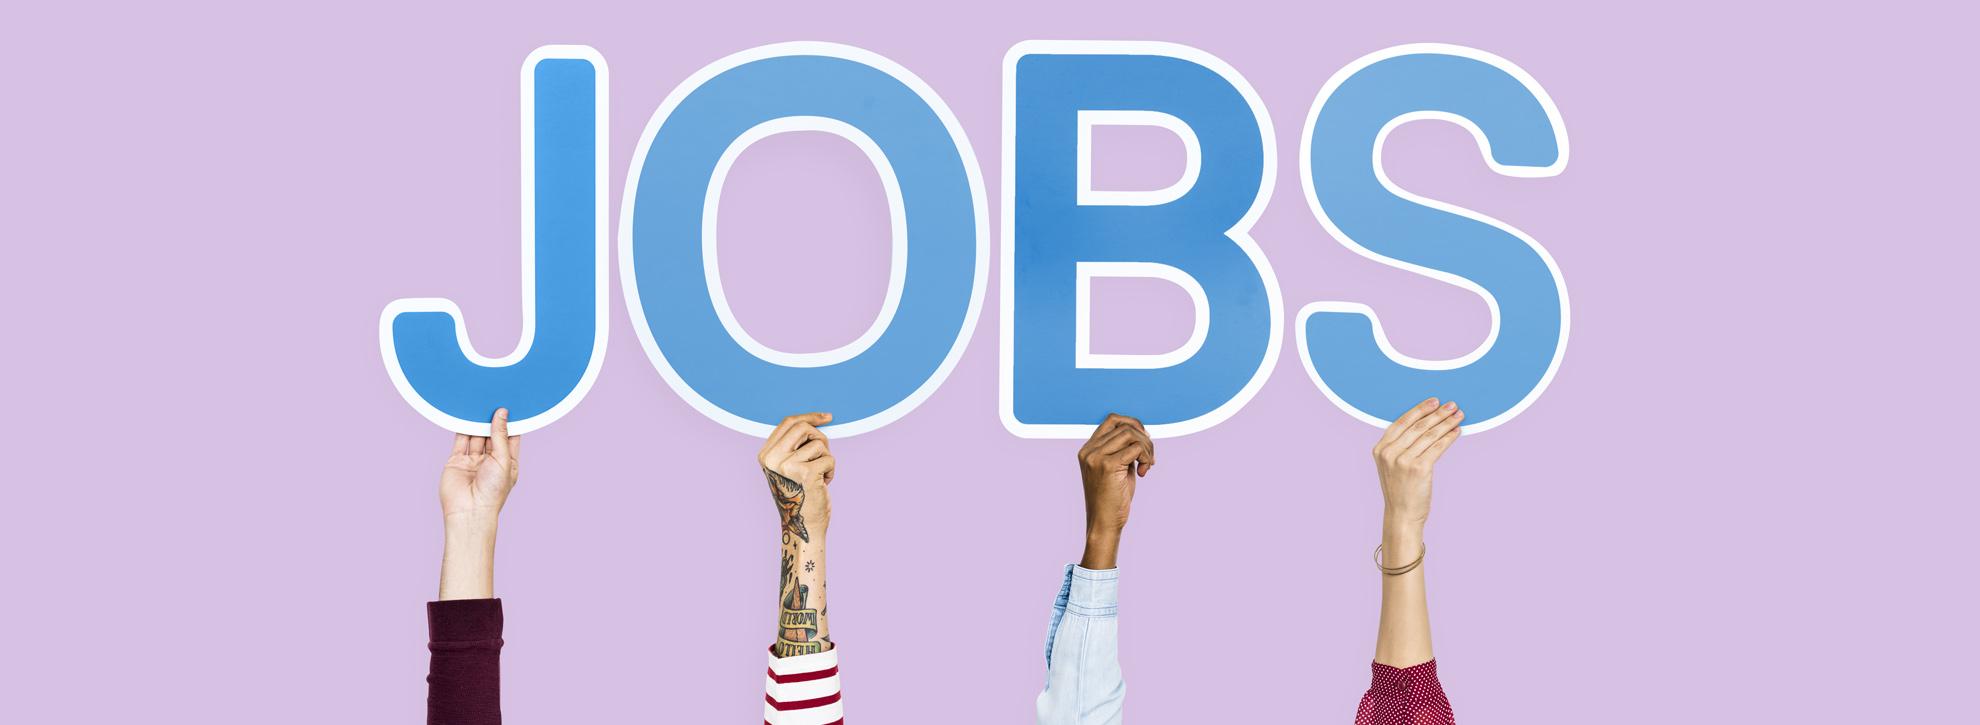 Illustration Jobs